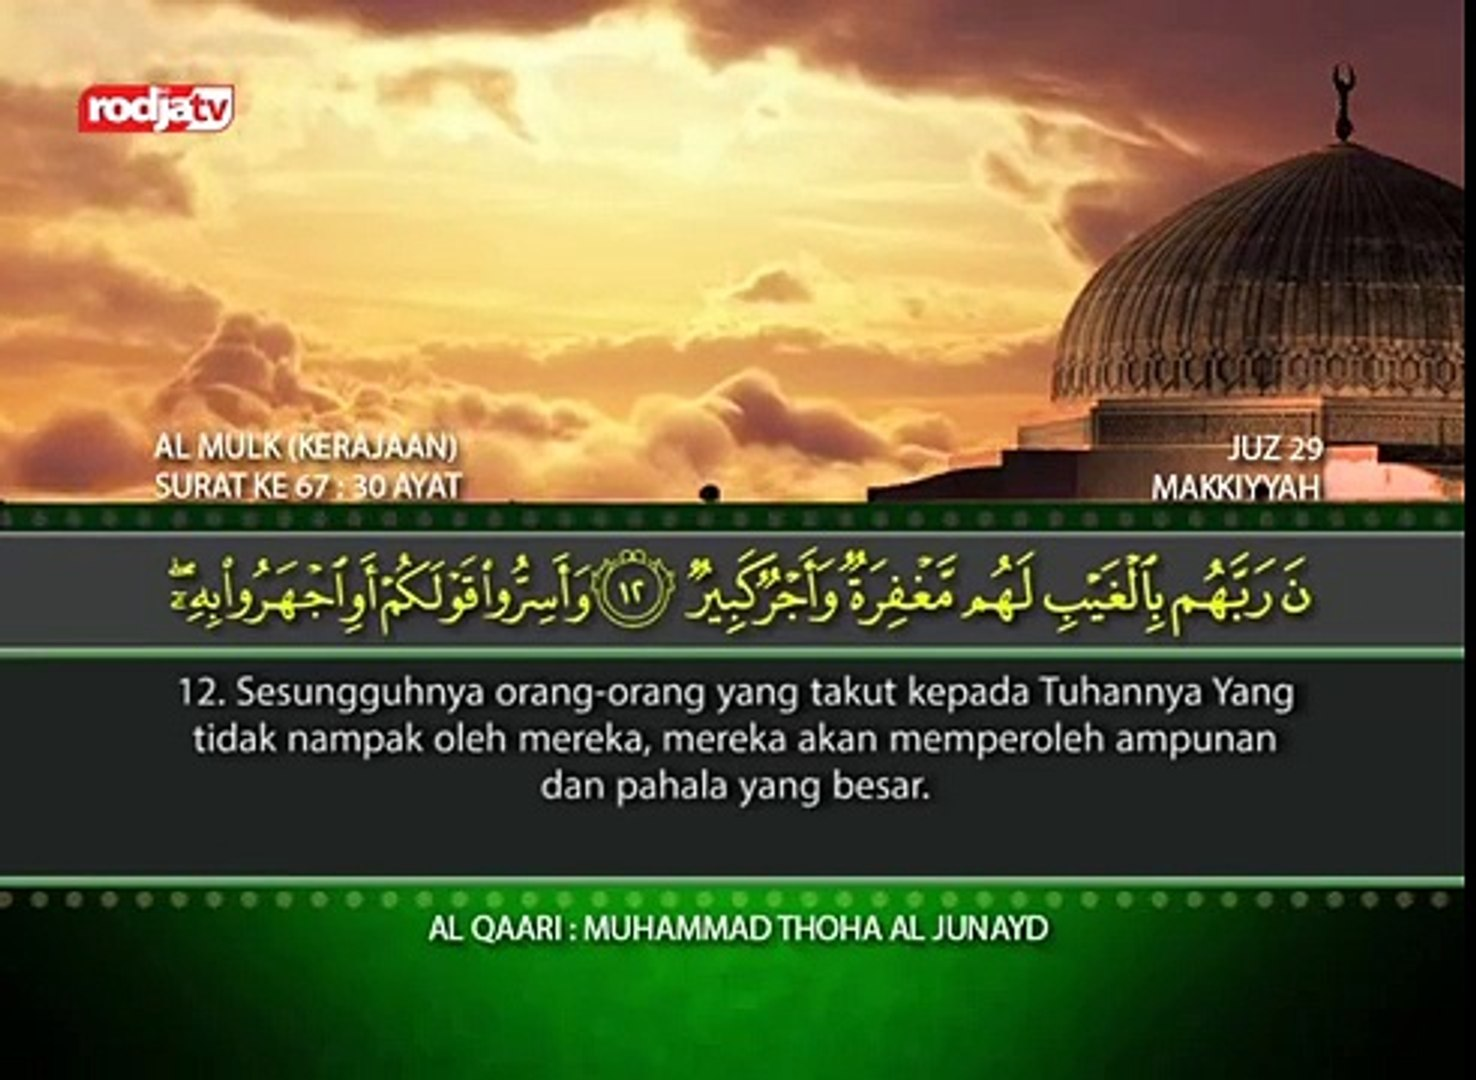 Surat 67 Al Mulk Mulk 30 Ayat Muhammad Thoha Al Junayd